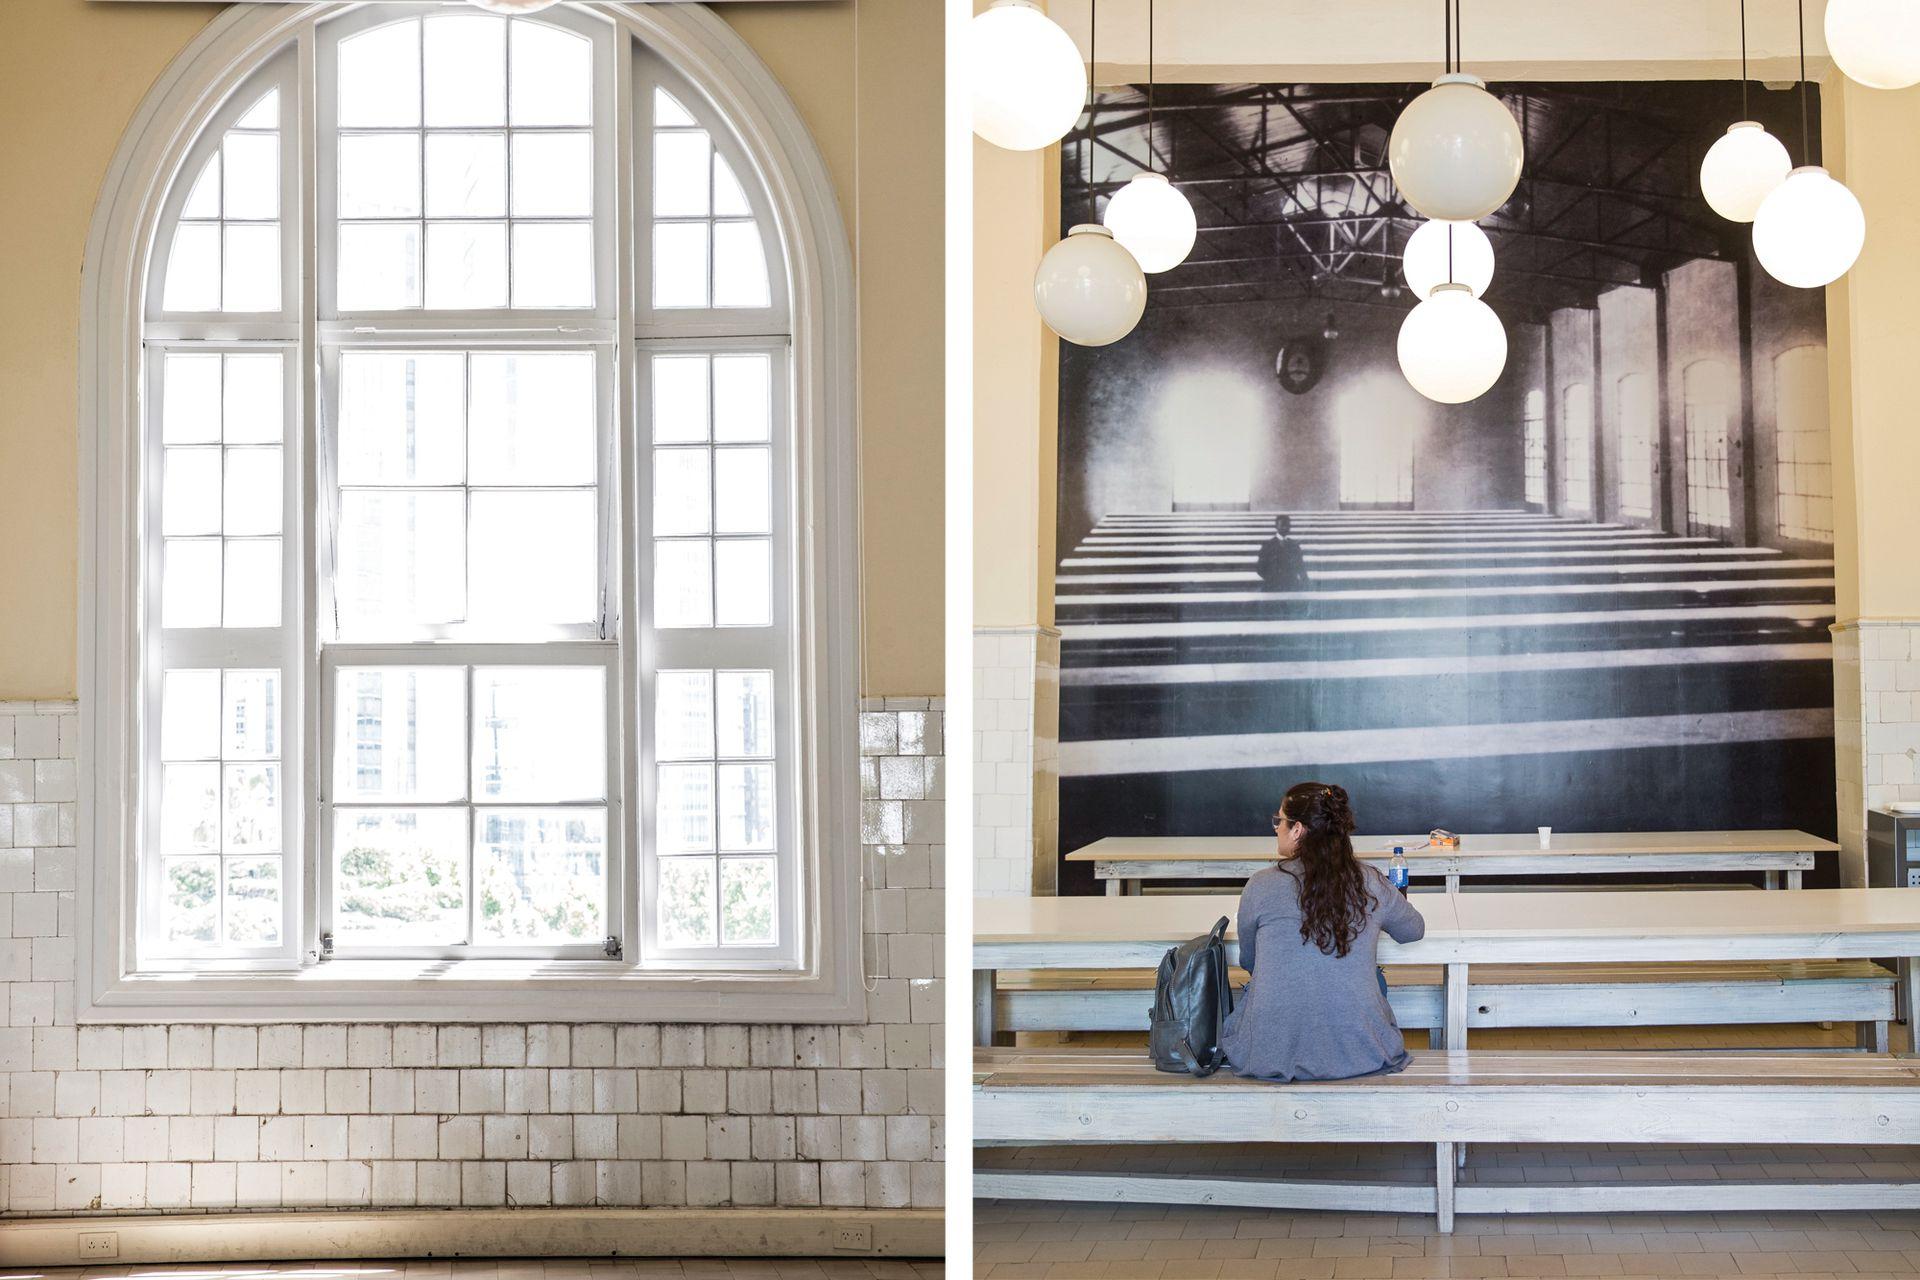 El museo propone un cruce interesante entre los espacios preservados como cuando funcionaba el Hotel y muestras de arte contemporáneo.